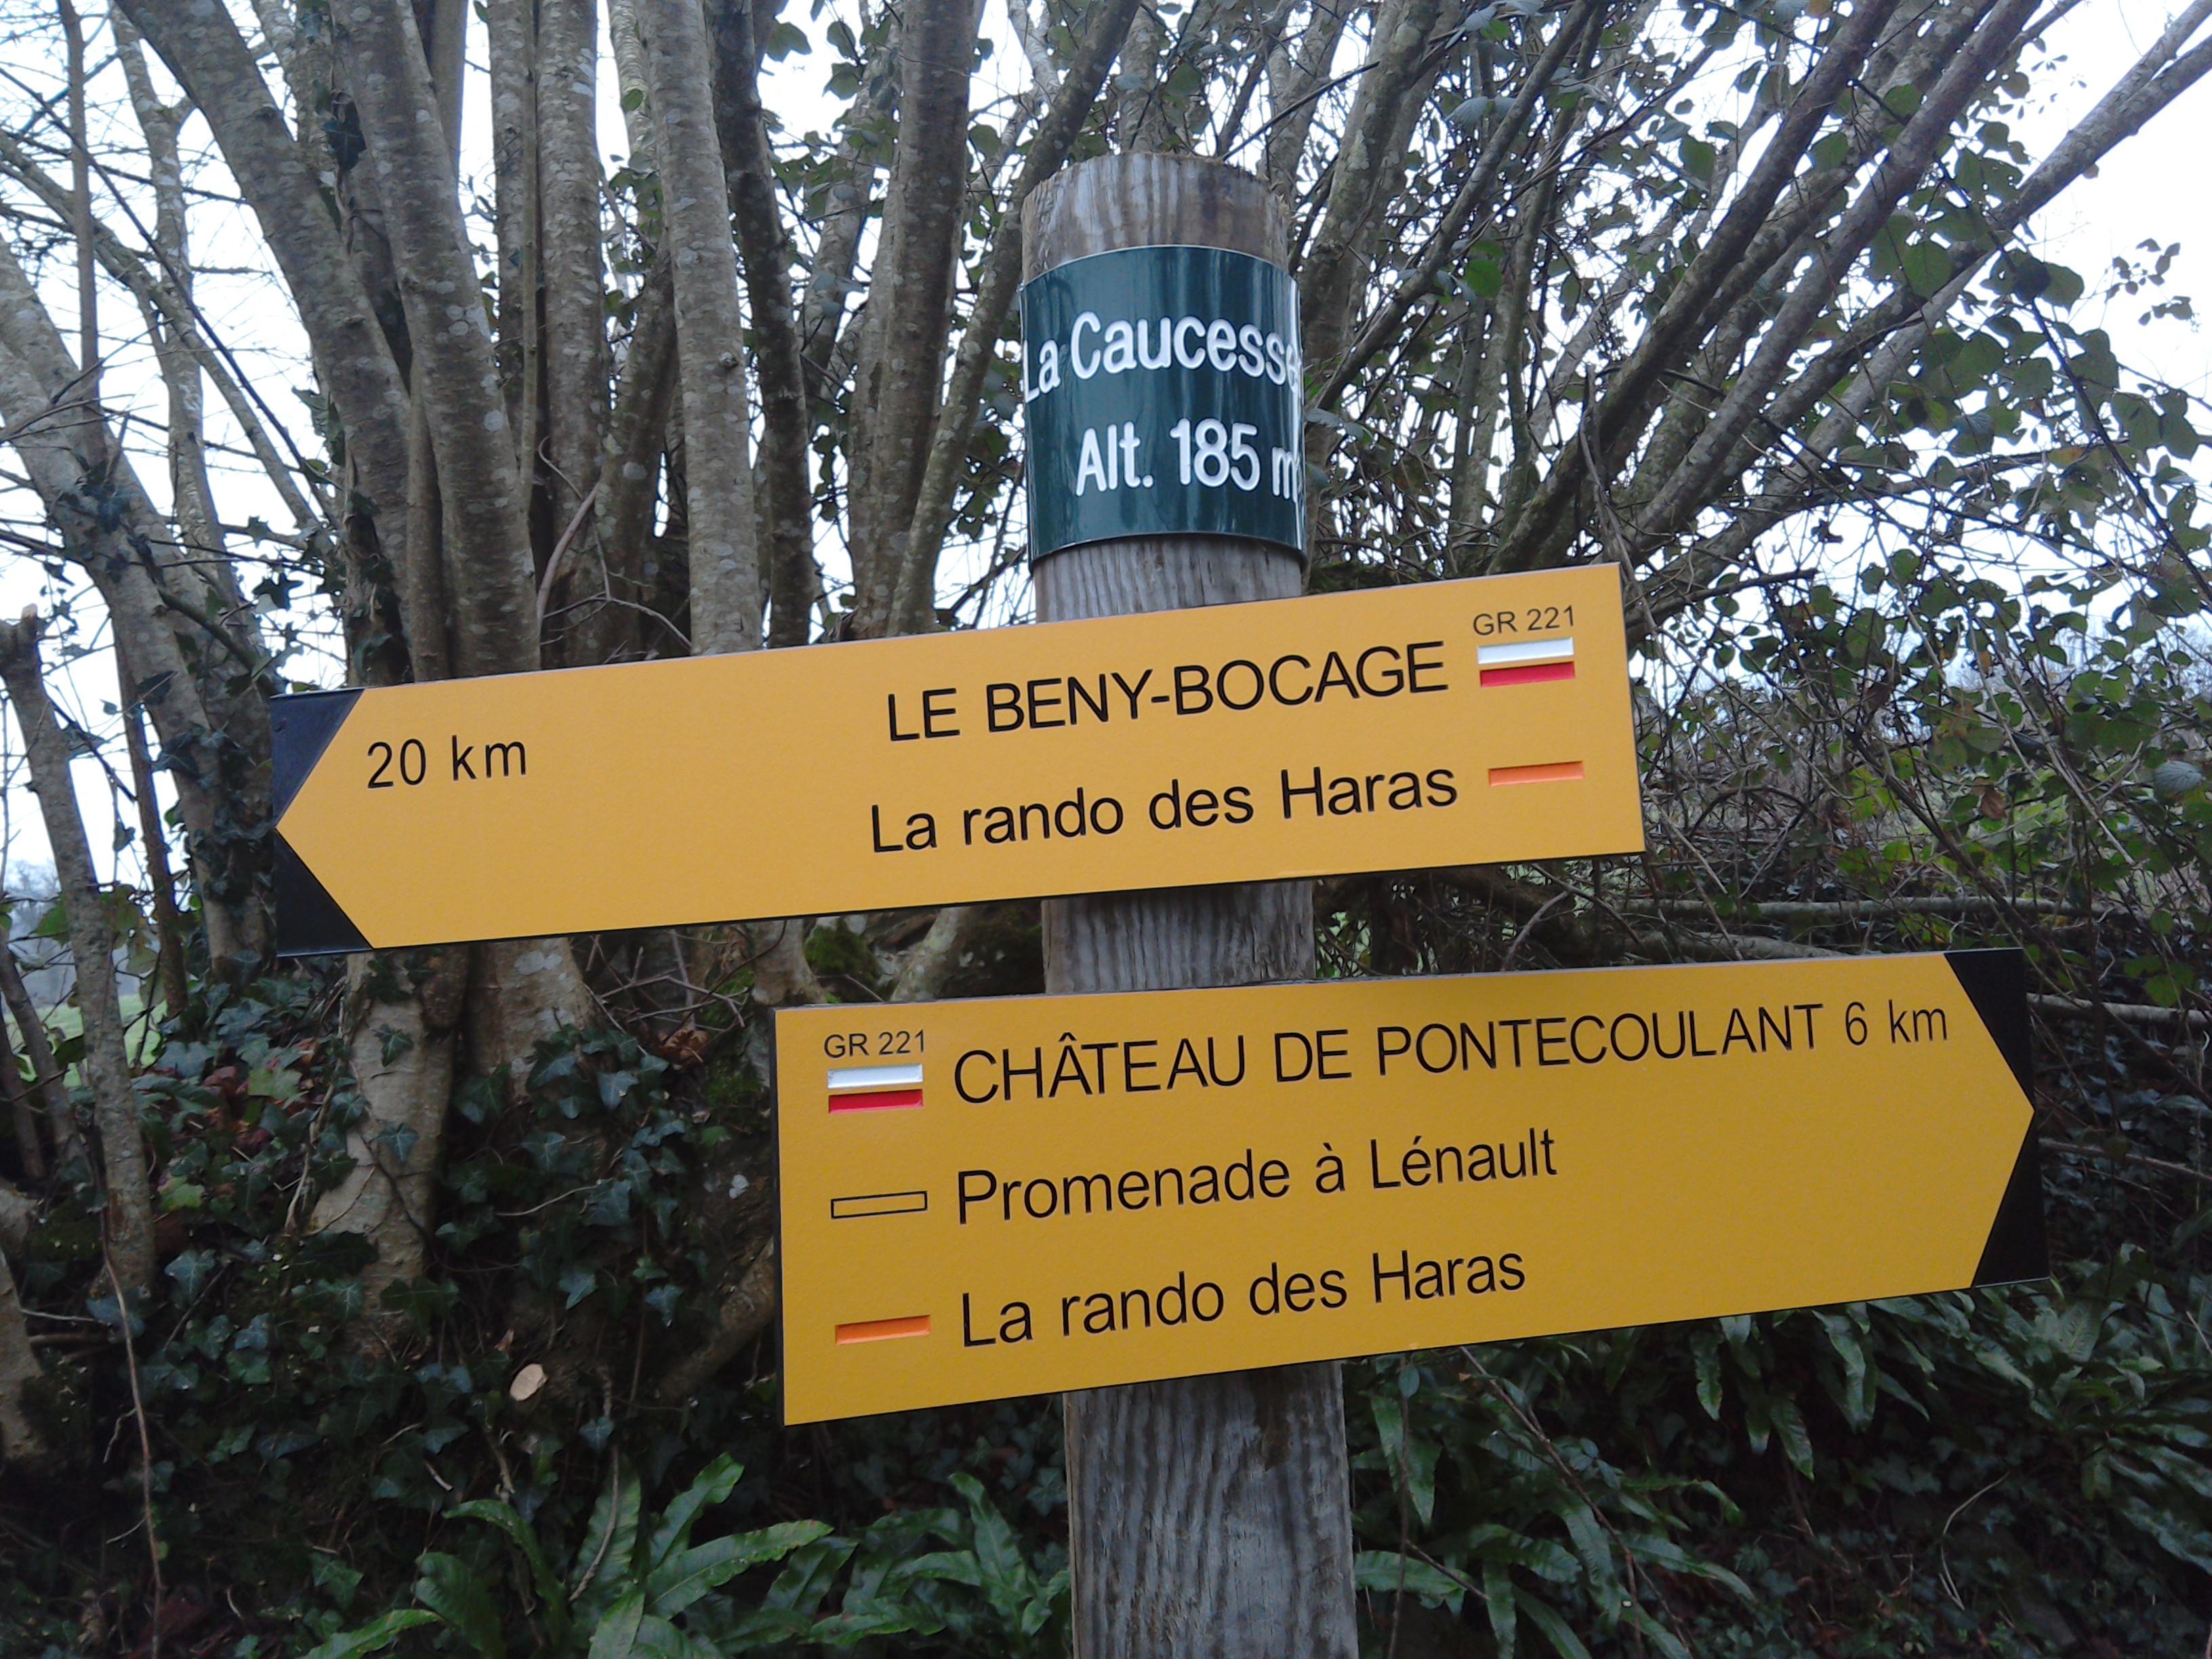 Waymarker post at Eco-Gites of Lénault, holiday cottage in Normandy, France